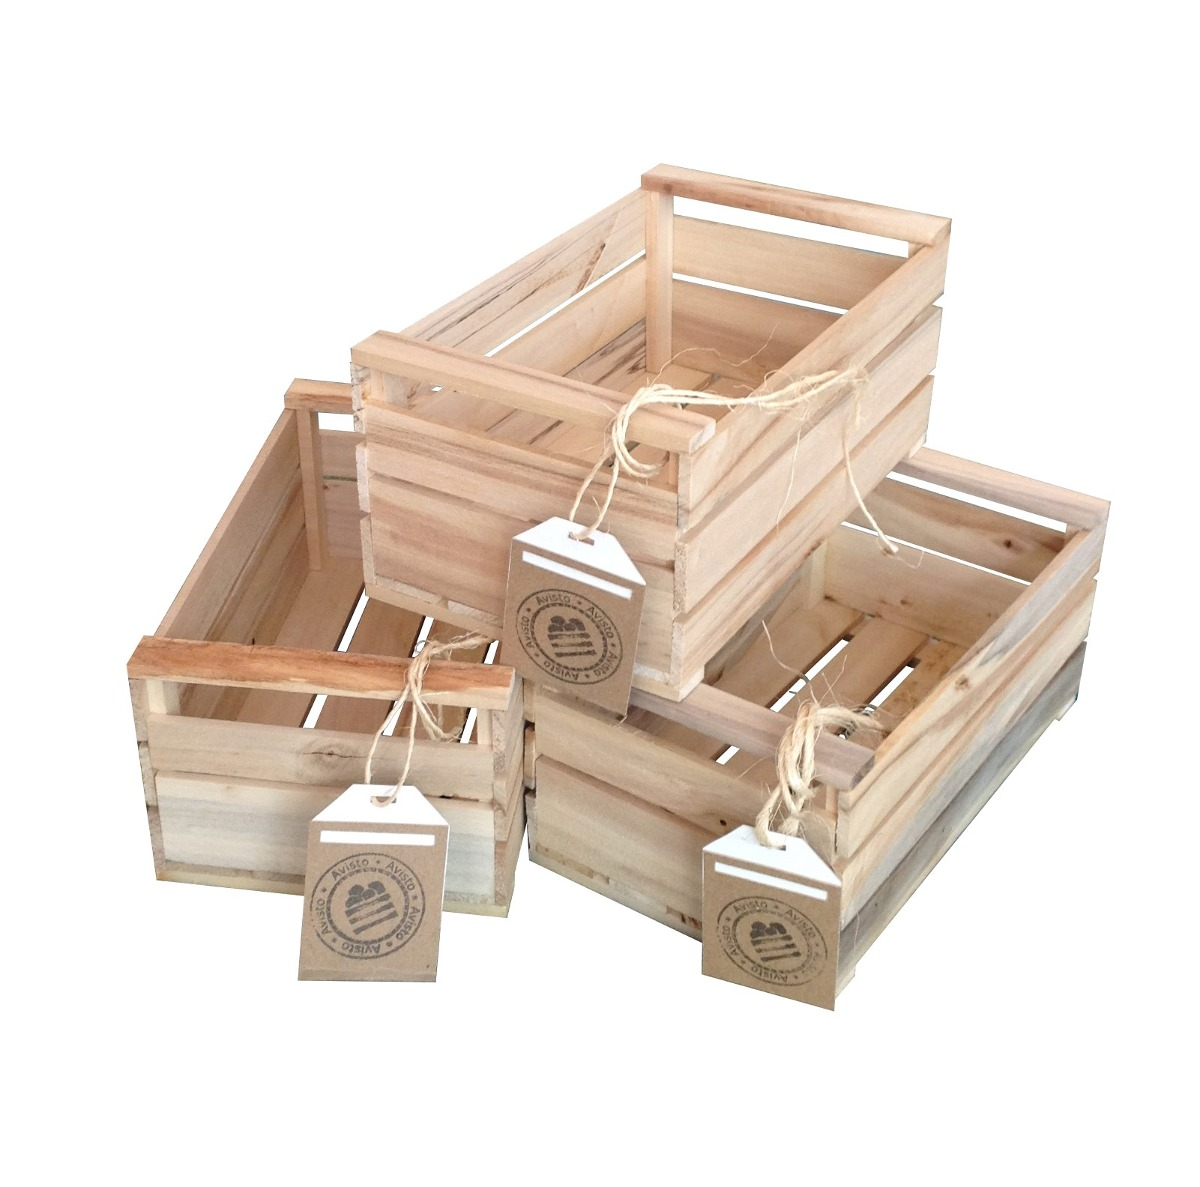 Cajas de madera para decorar comprar com anuncios de - Cajas madera fruta ...